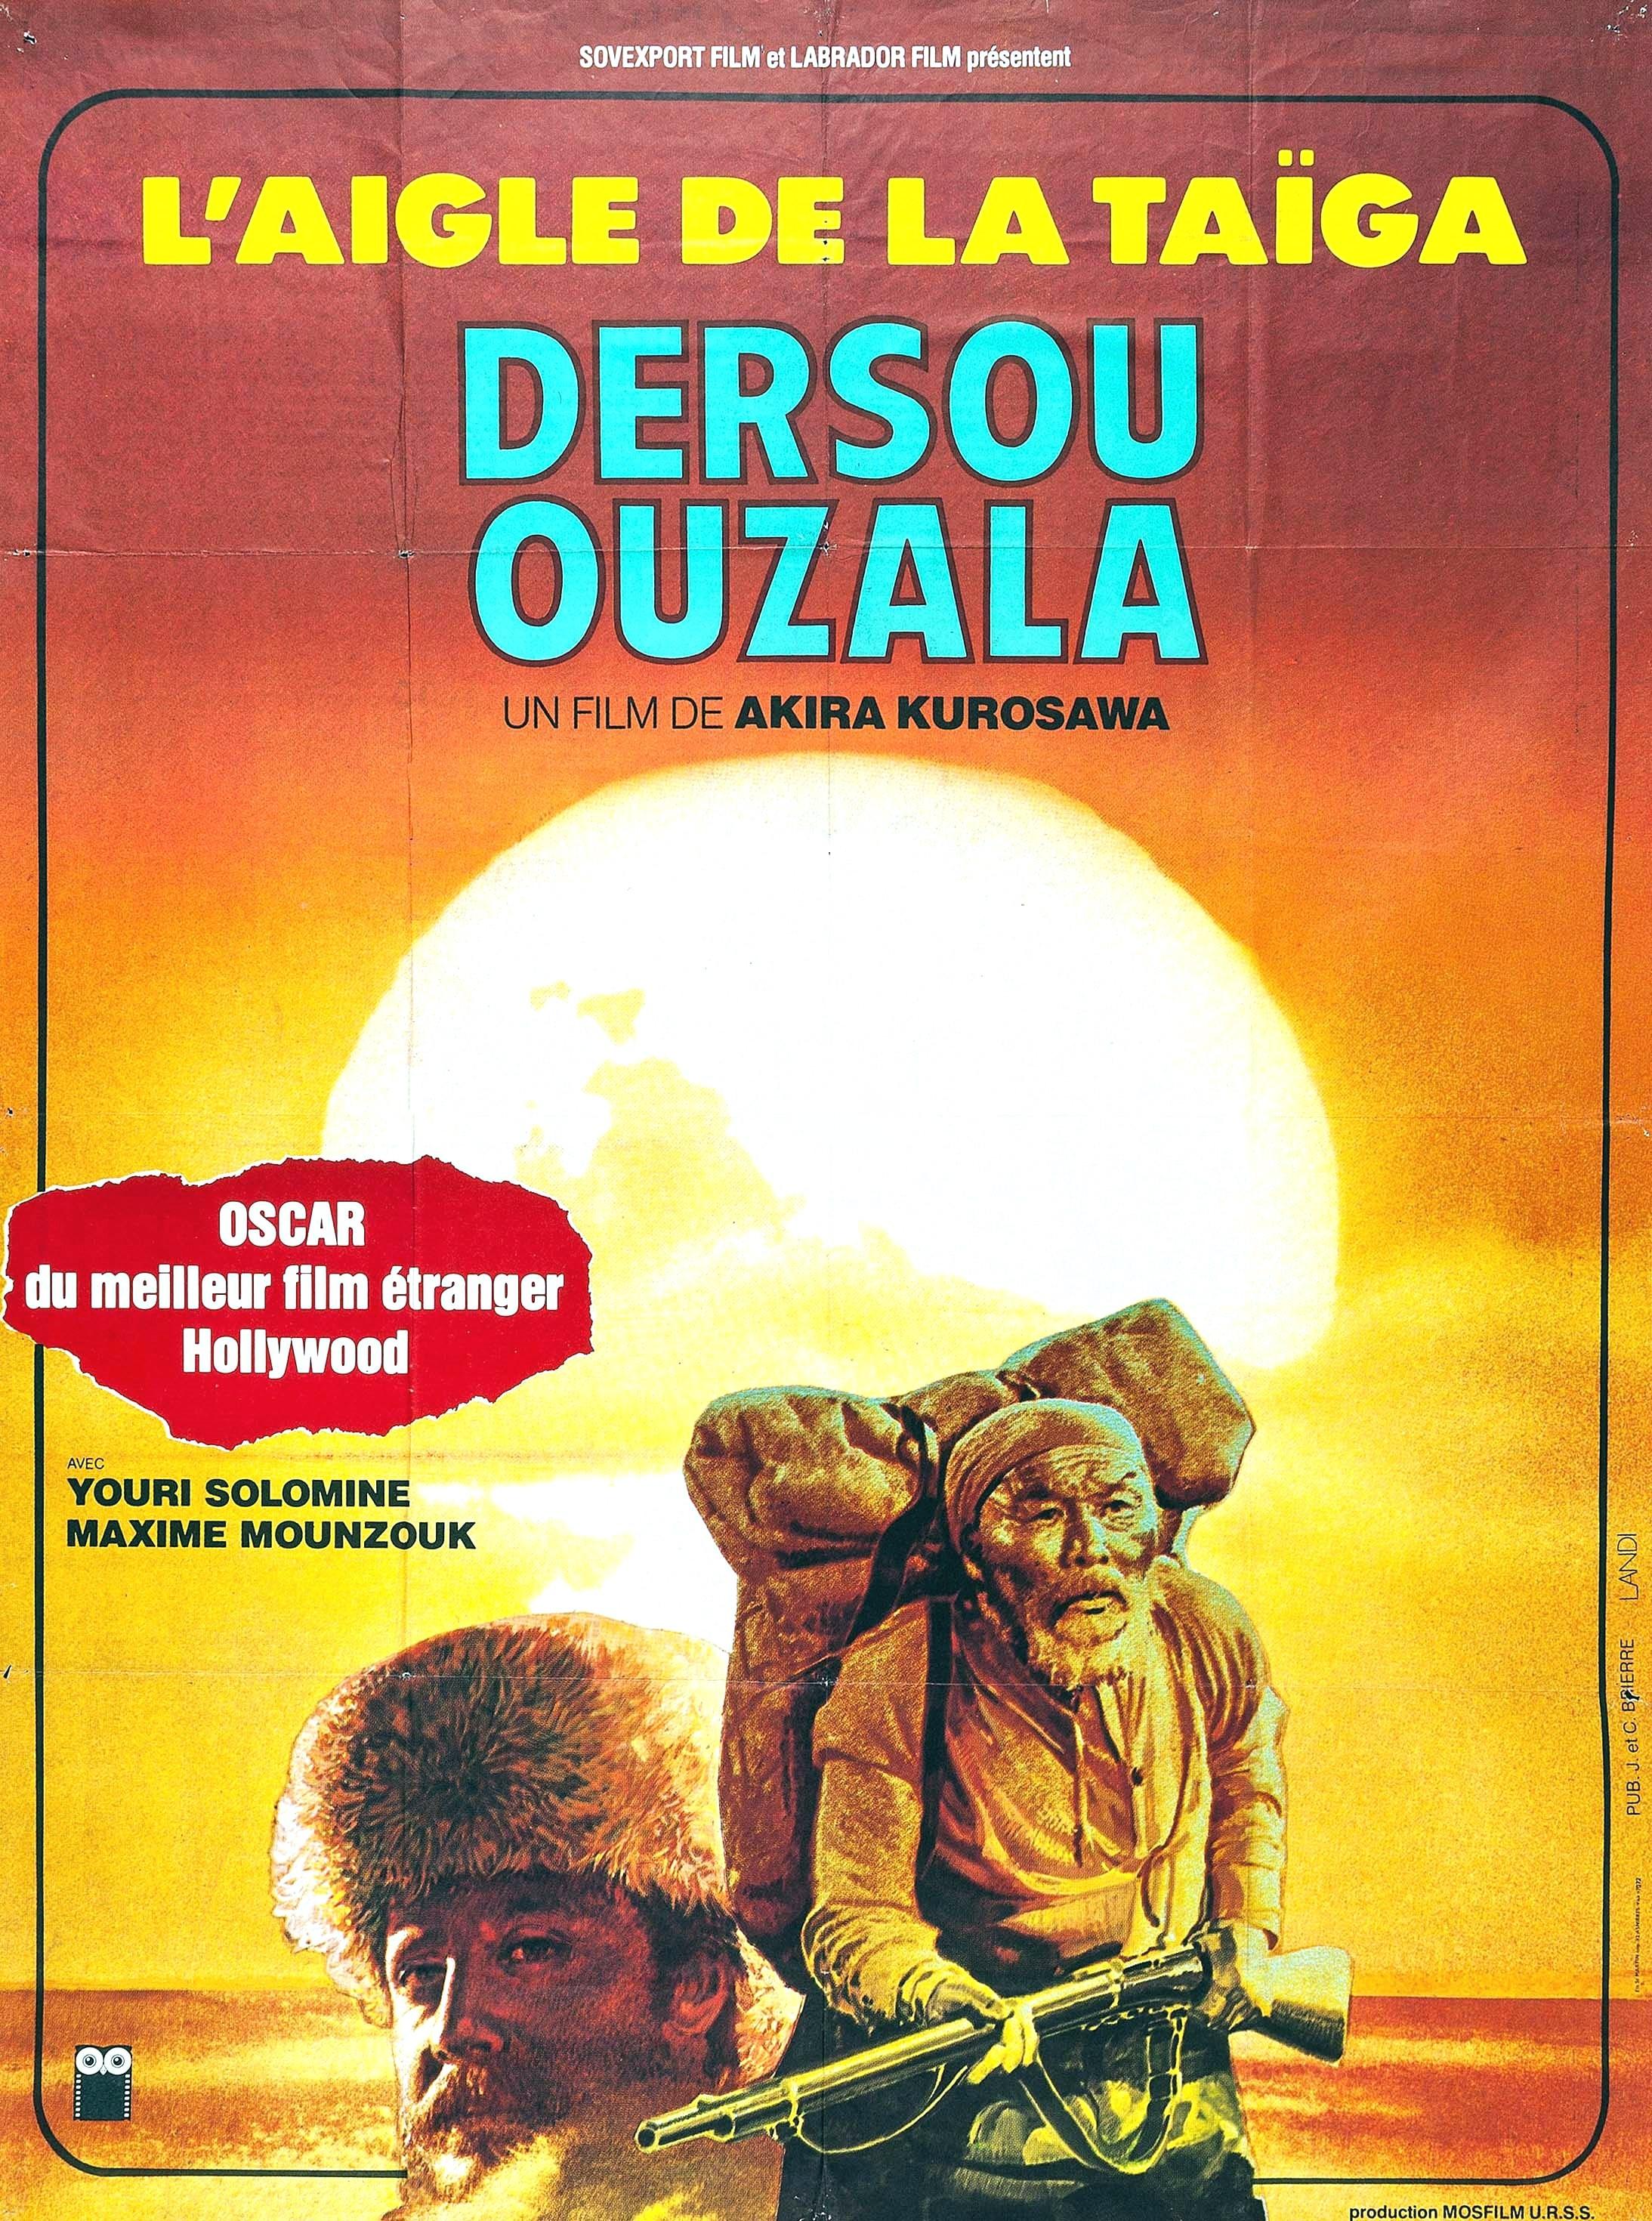 Dersou Ouzala d'Akira Kurozawa